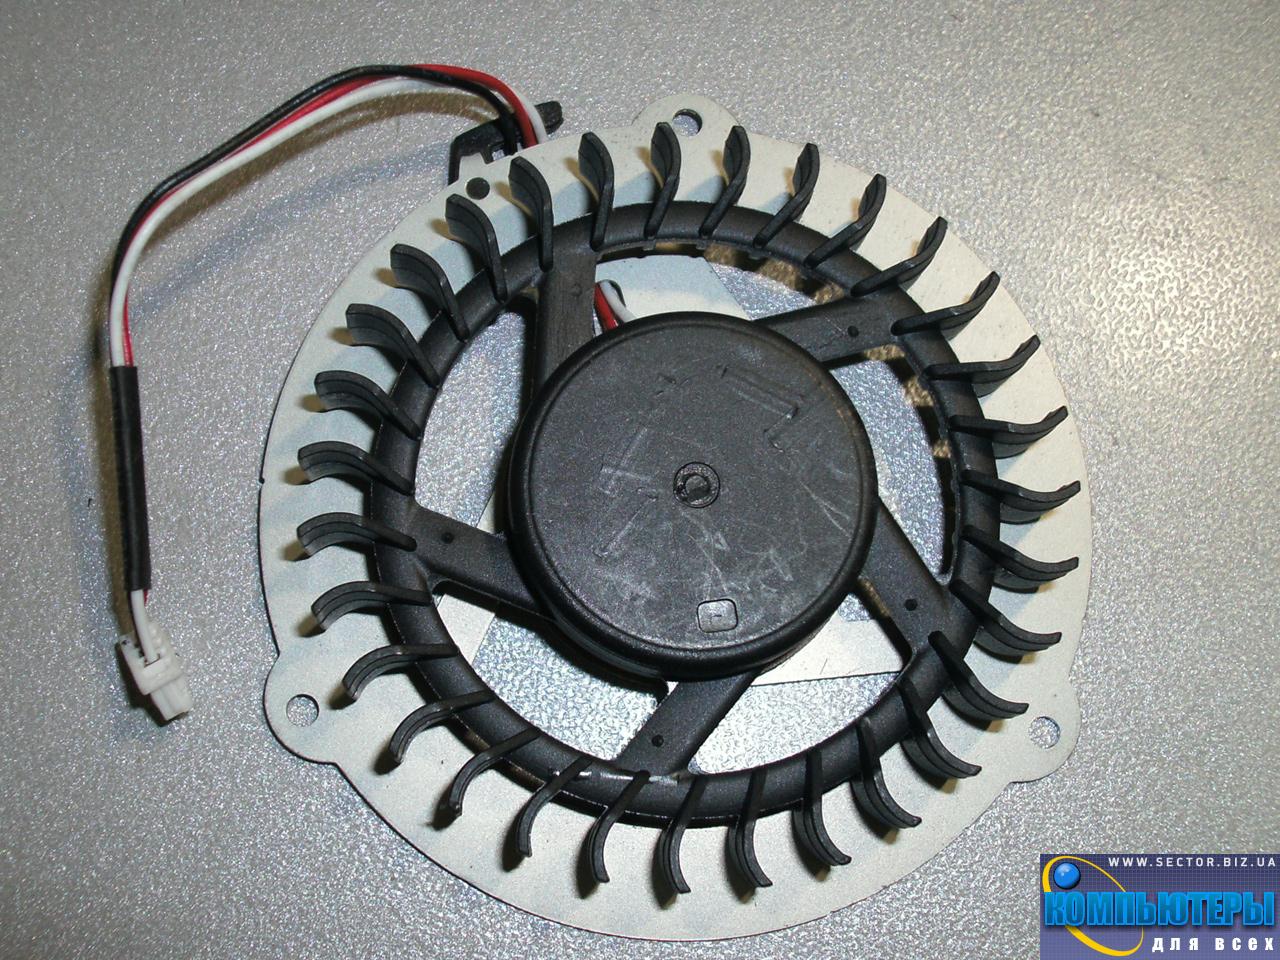 Кулер к ноутбуку Samsung R425 R463 R467 R468 R470 R517 R518 p/n: DFS531005MC0T F81G. Фото № 2.